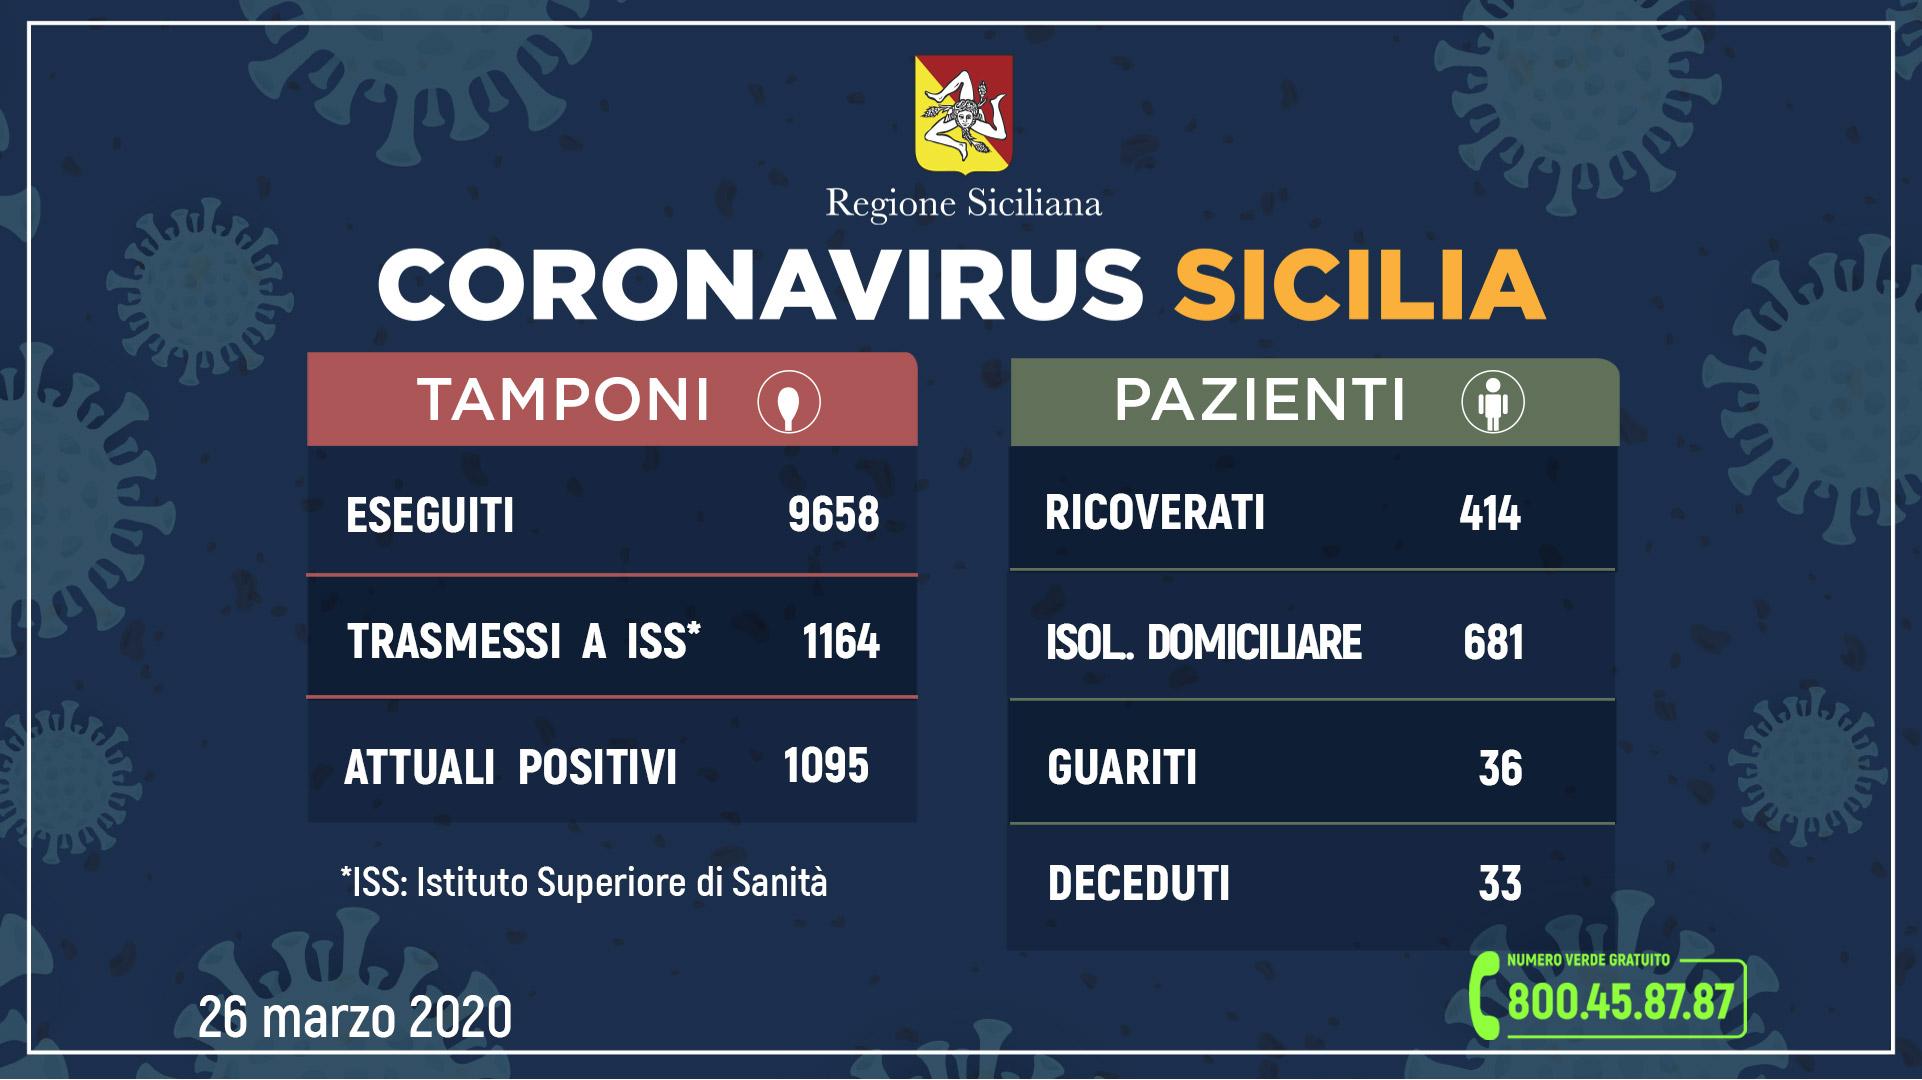 dati aggiornati sul coronavirus in sicilia, report della regione siciliana del 26 marzo